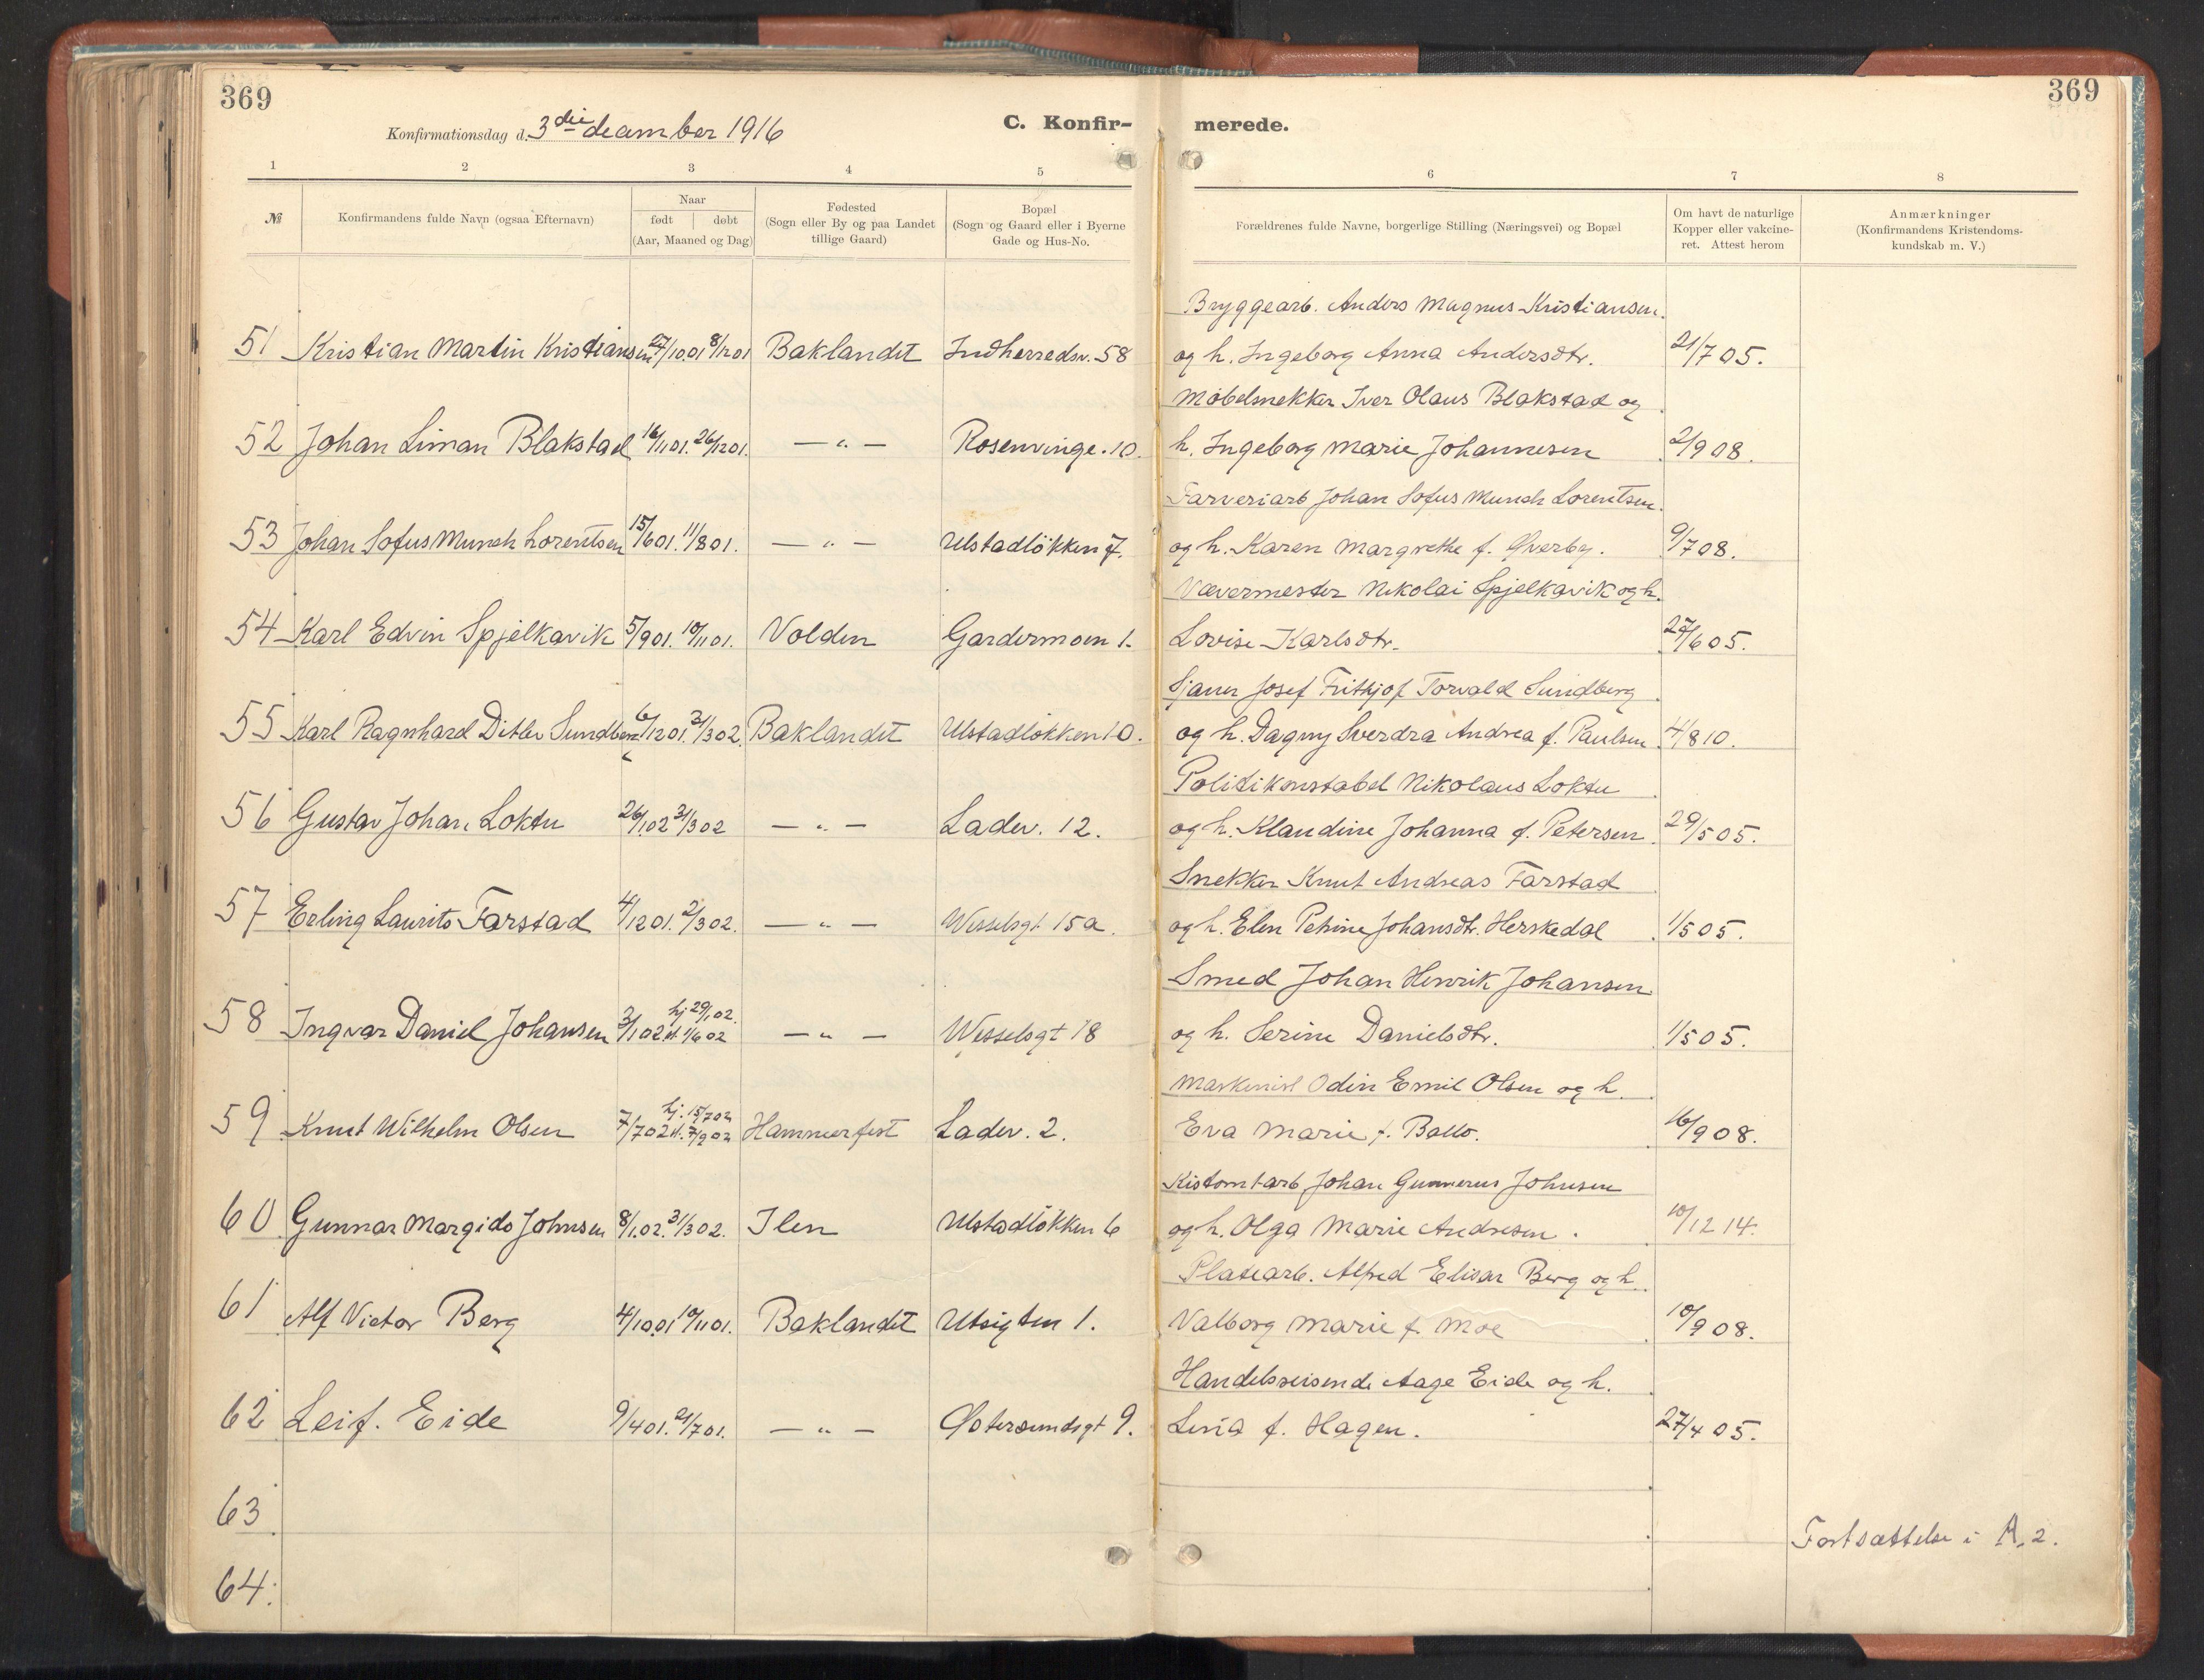 SAT, Ministerialprotokoller, klokkerbøker og fødselsregistre - Sør-Trøndelag, 605/L0243: Ministerialbok nr. 605A05, 1908-1923, s. 369